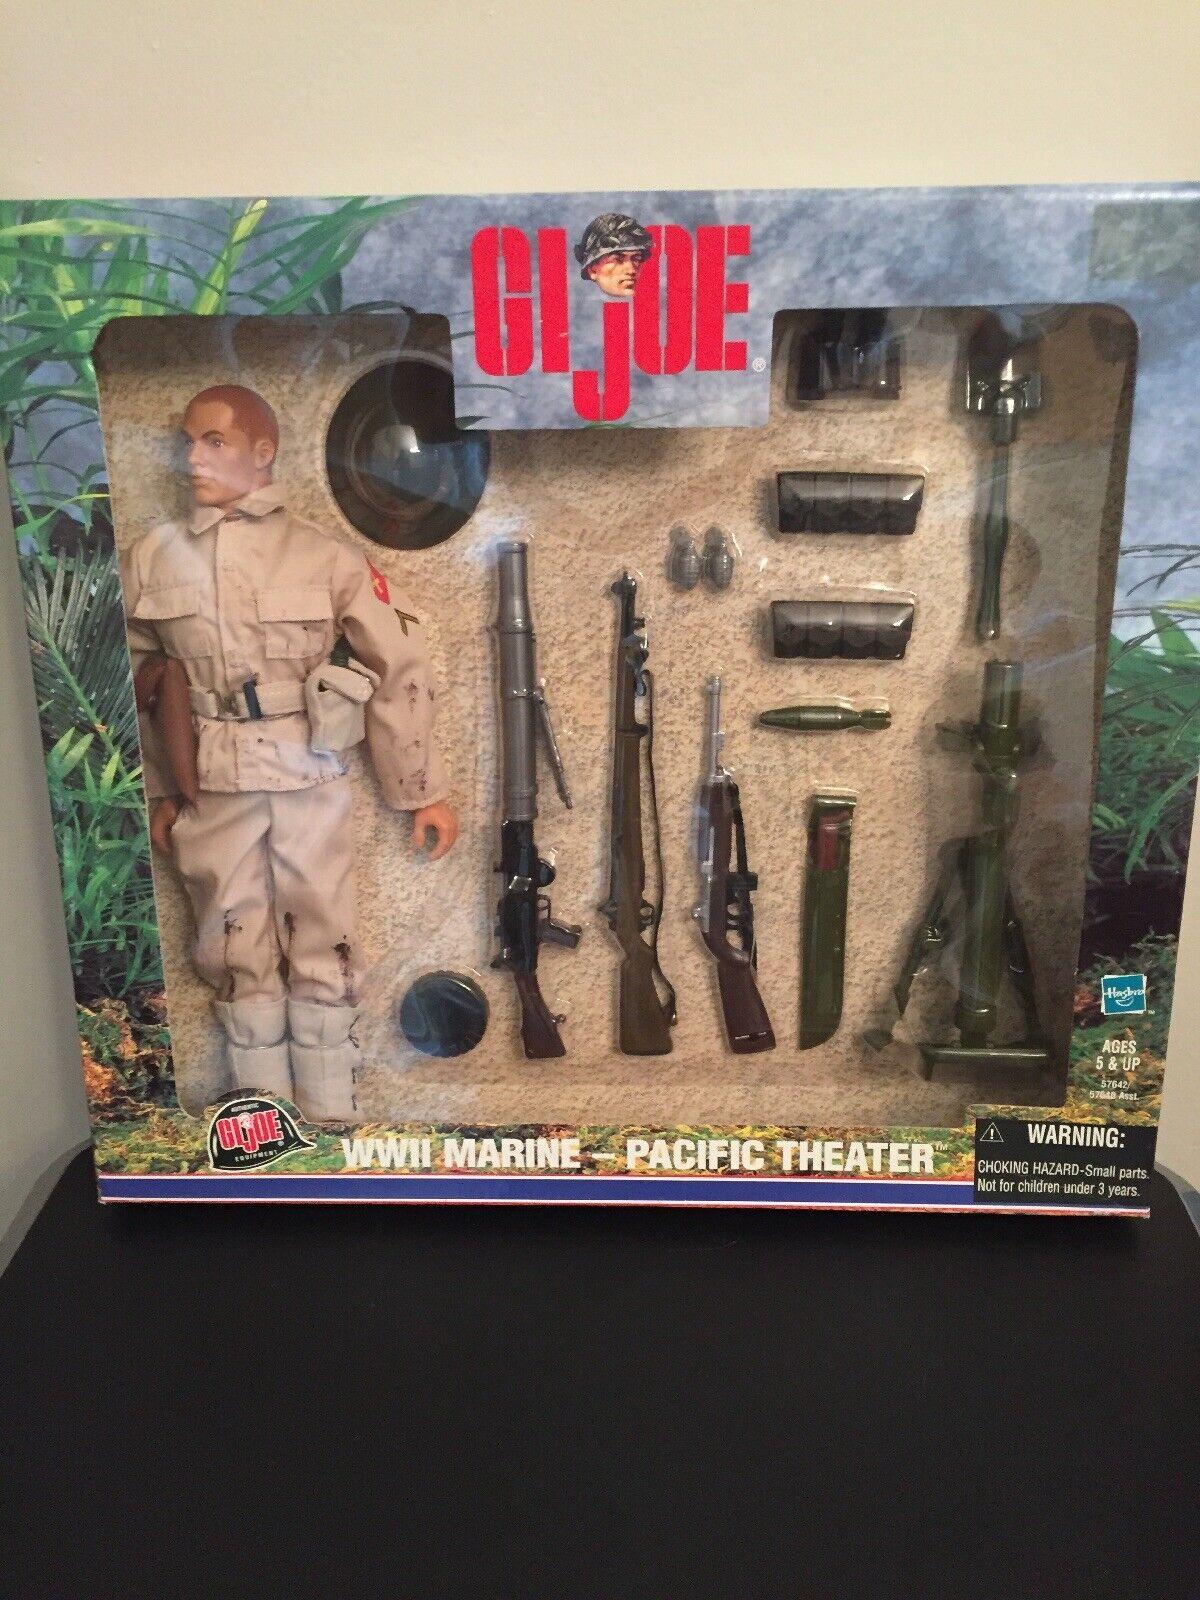 2000 GI Joe WWll-Pacific Theater